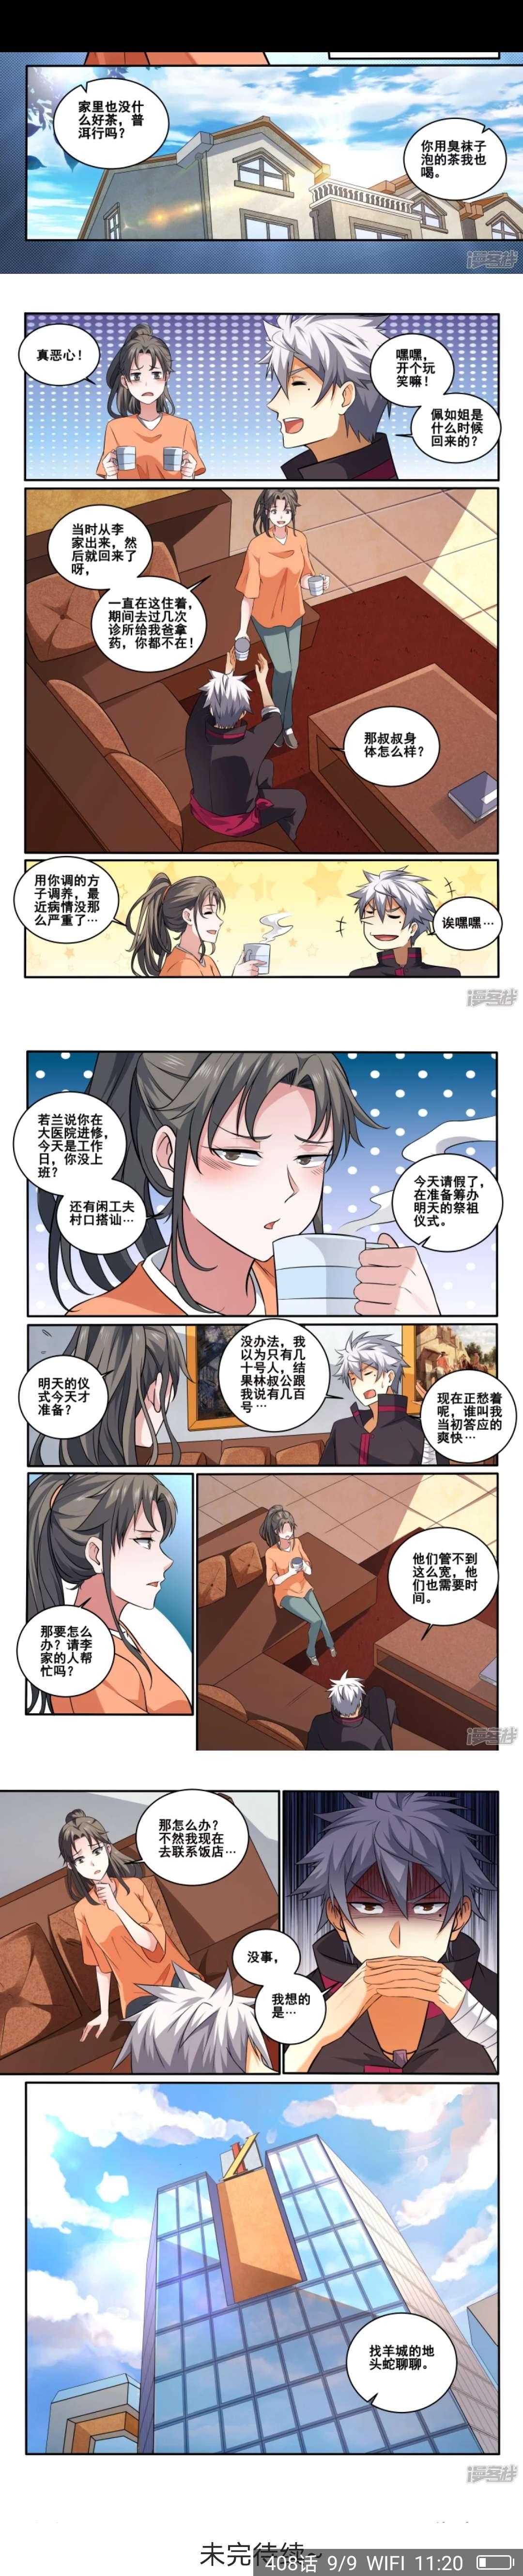 【漫画更新】中华神医   第407话